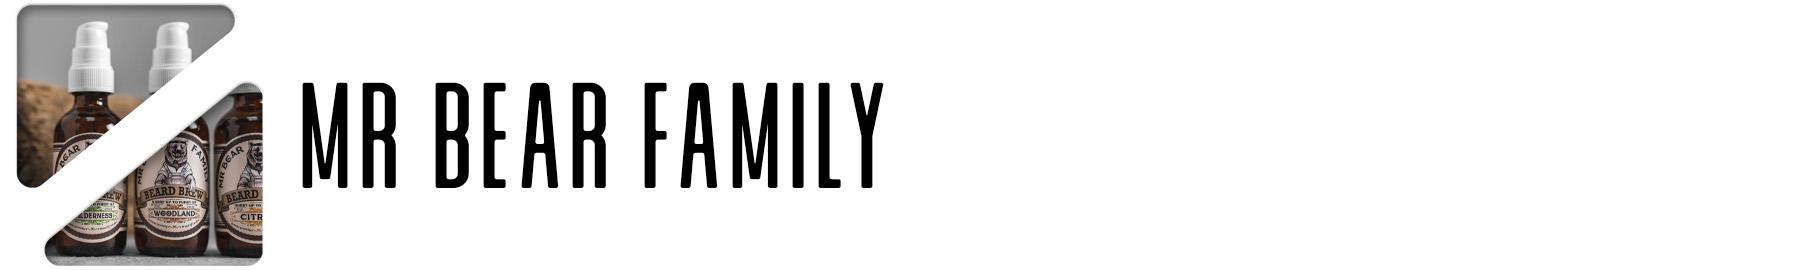 mr bear family brand